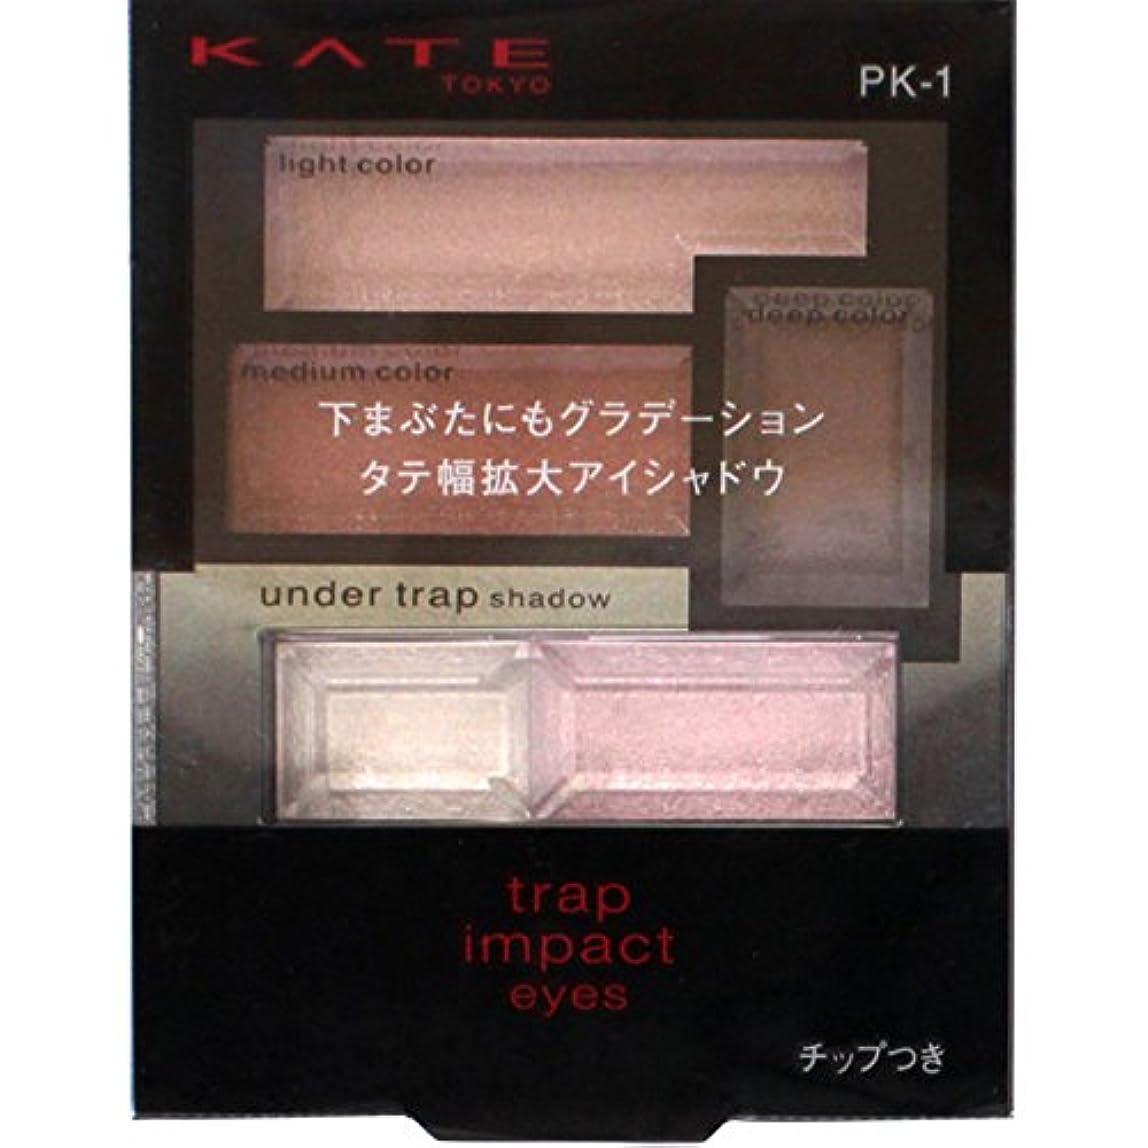 摂氏石膏パーティーカネボウ ケイト トラップインパクトアイズ PK-1